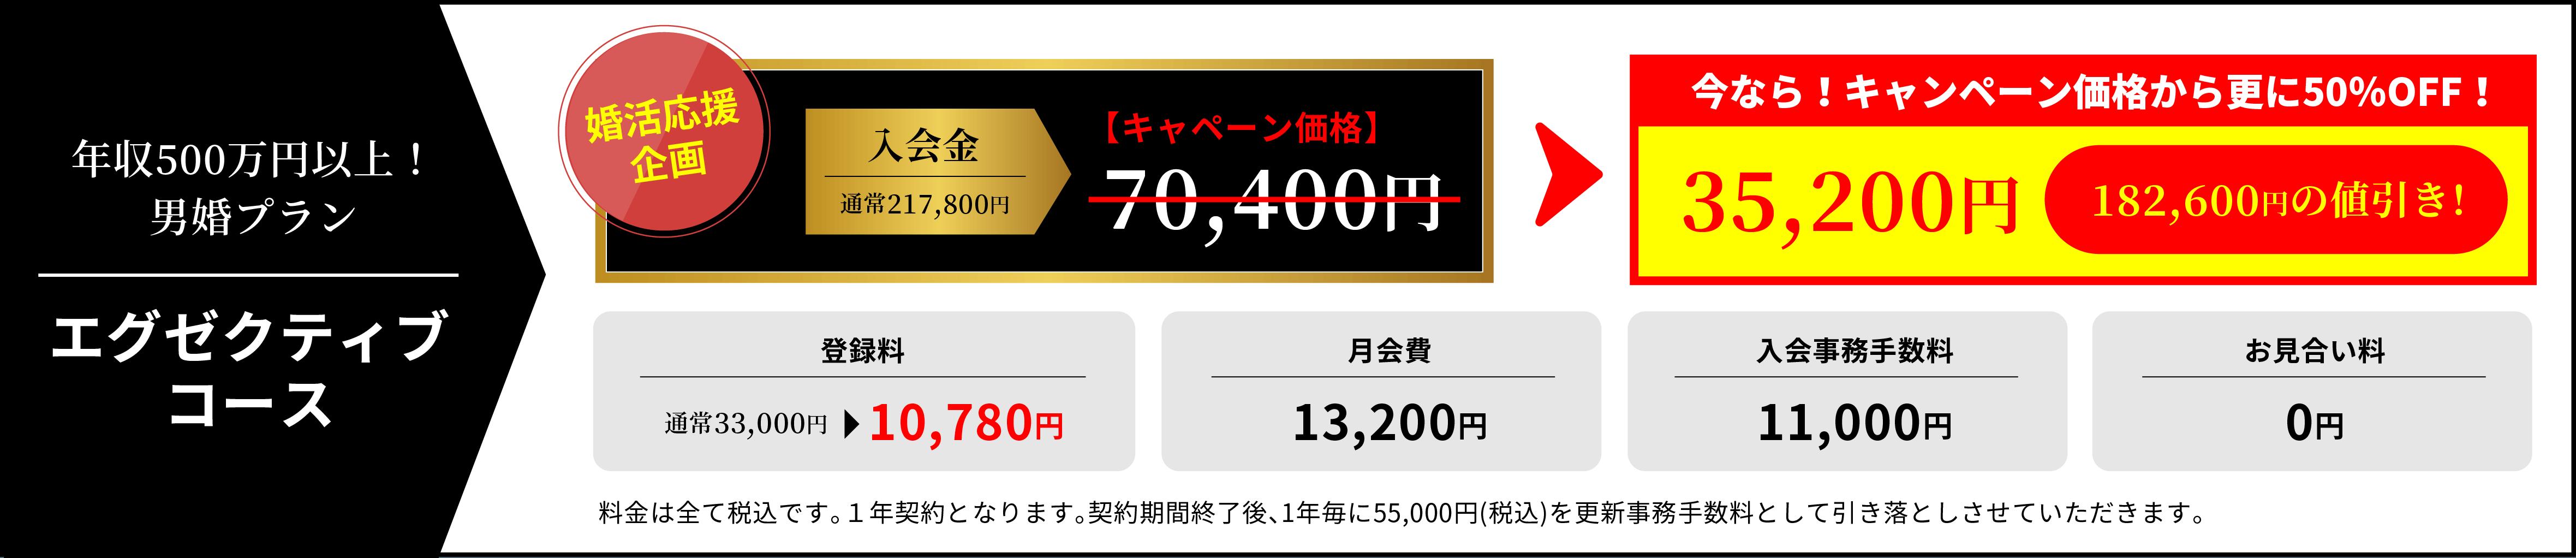 new_price05